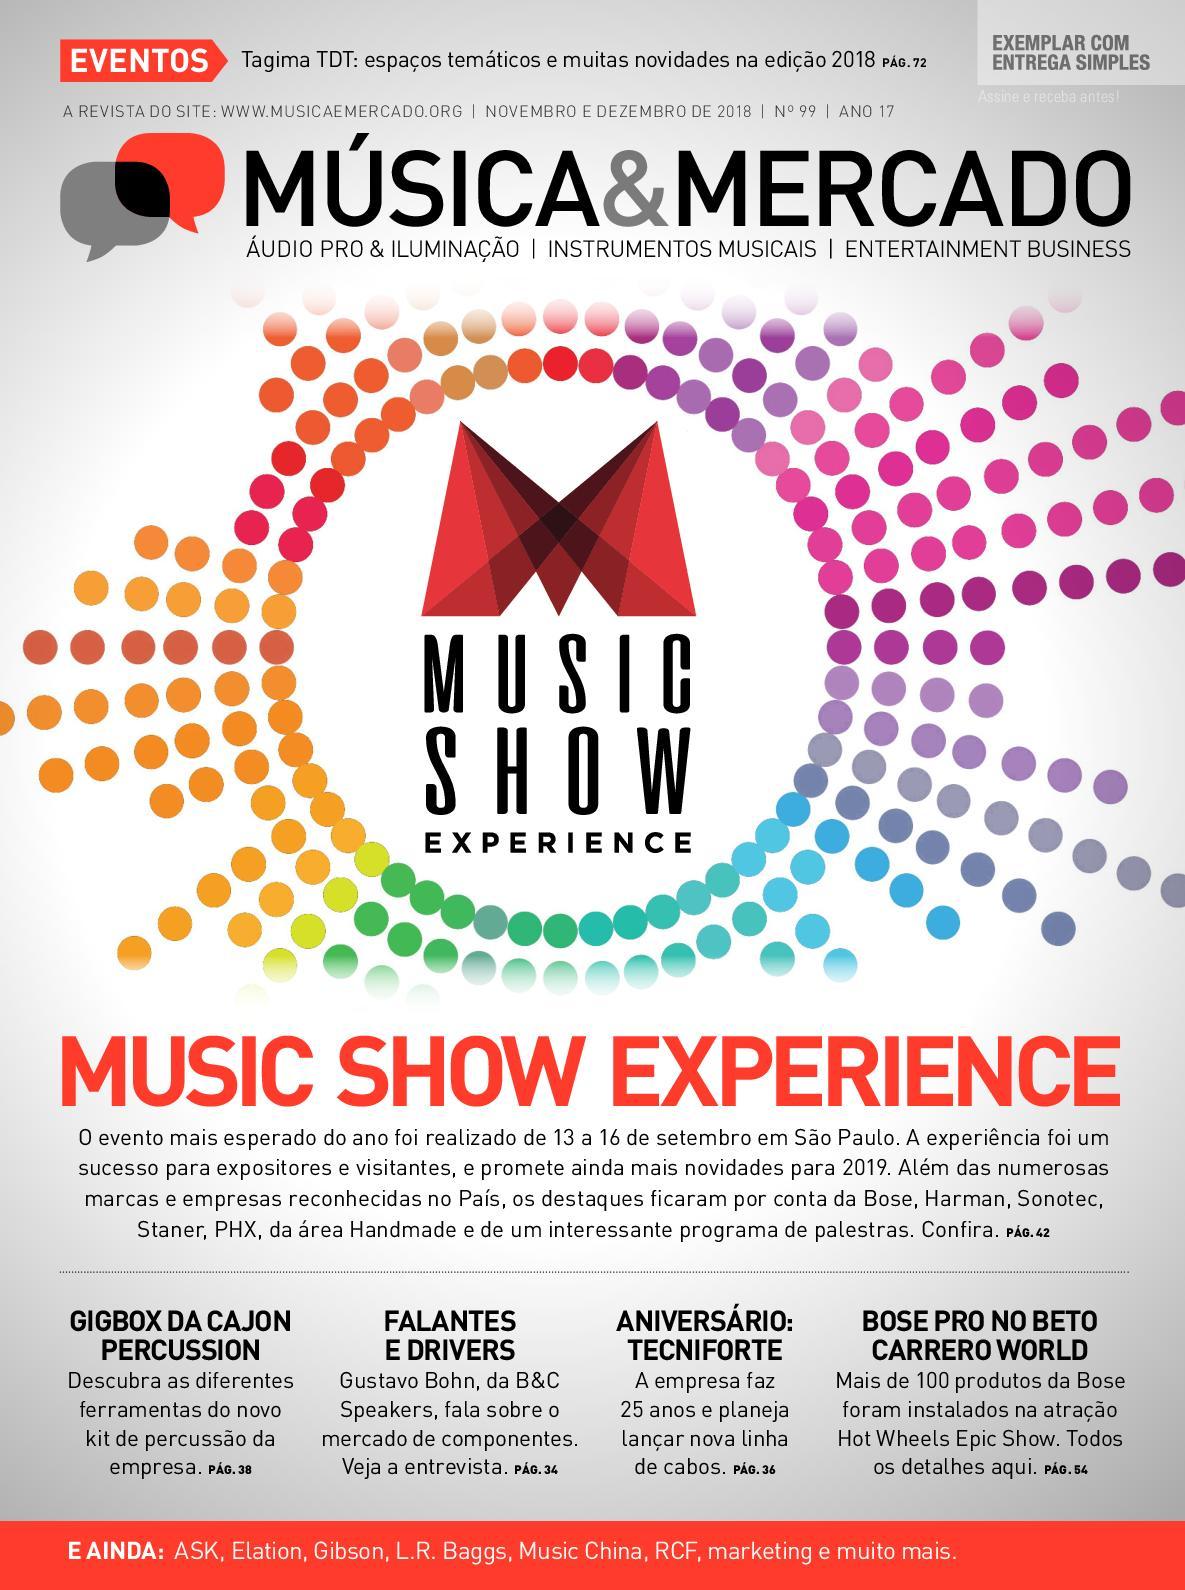 Calaméo -  99 - NOVEMBRO DEZEMBRO 2018 - Música   Mercado em português 85e9922079